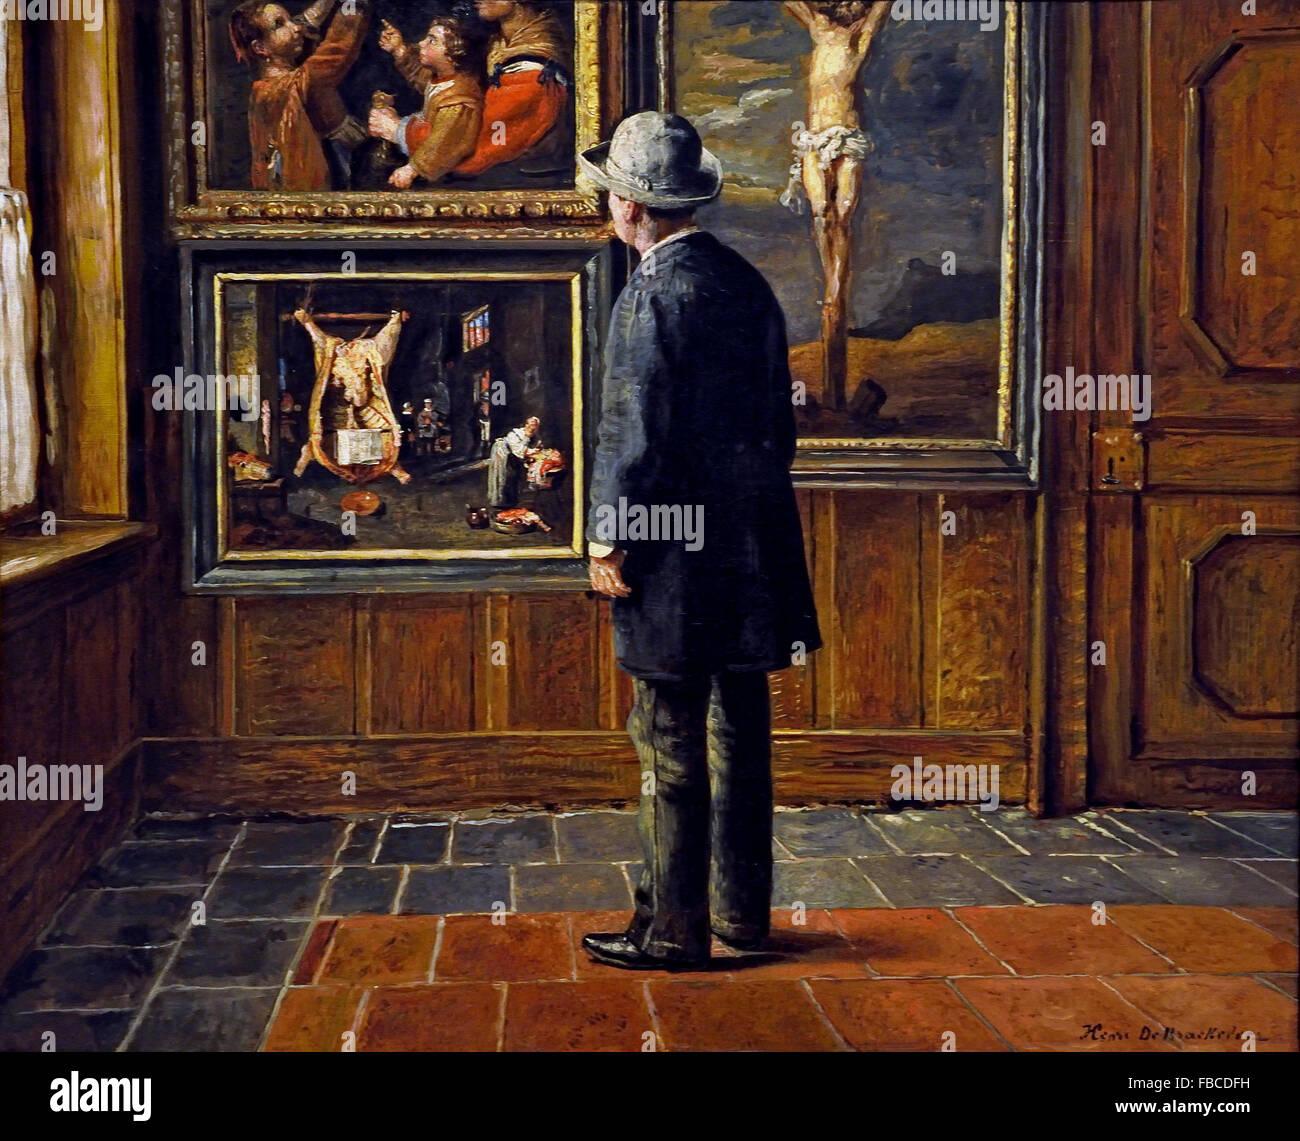 L'amante di immagine 1884 Henri Braekeleer 1840-1888 belga fiamminga del Belgio Immagini Stock